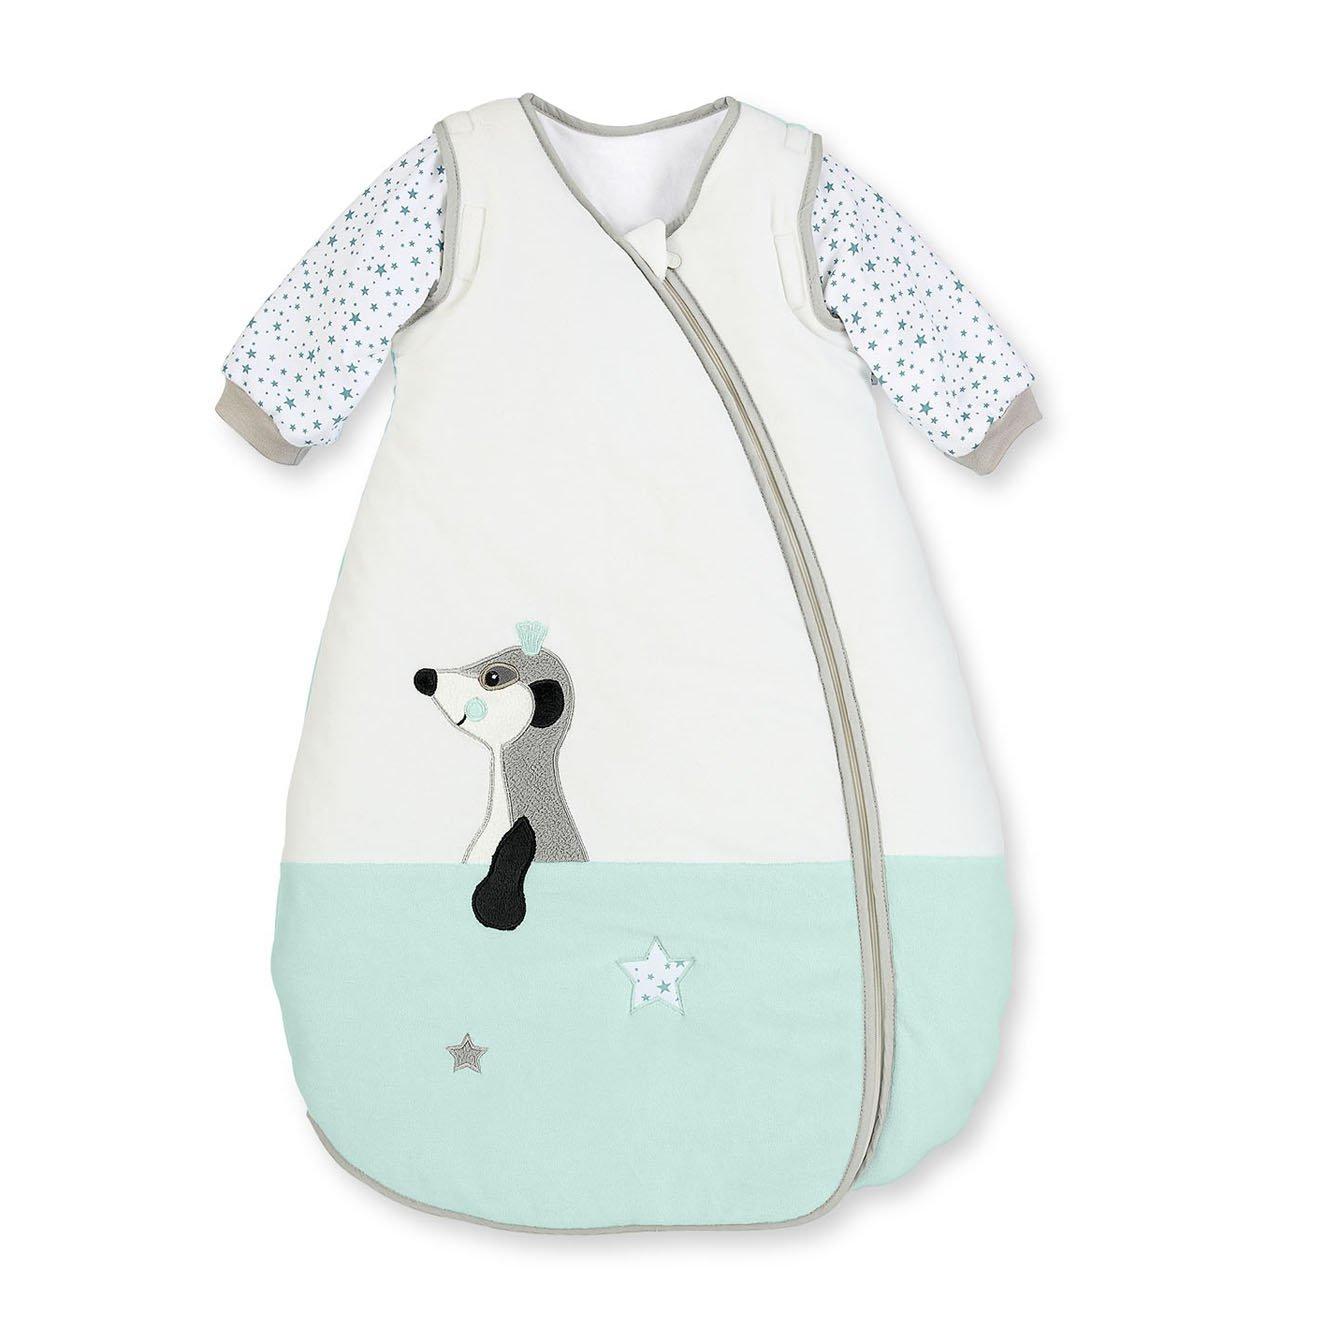 Babyschlafsack Test » Die besten Modelle für 2018 im Vergleich